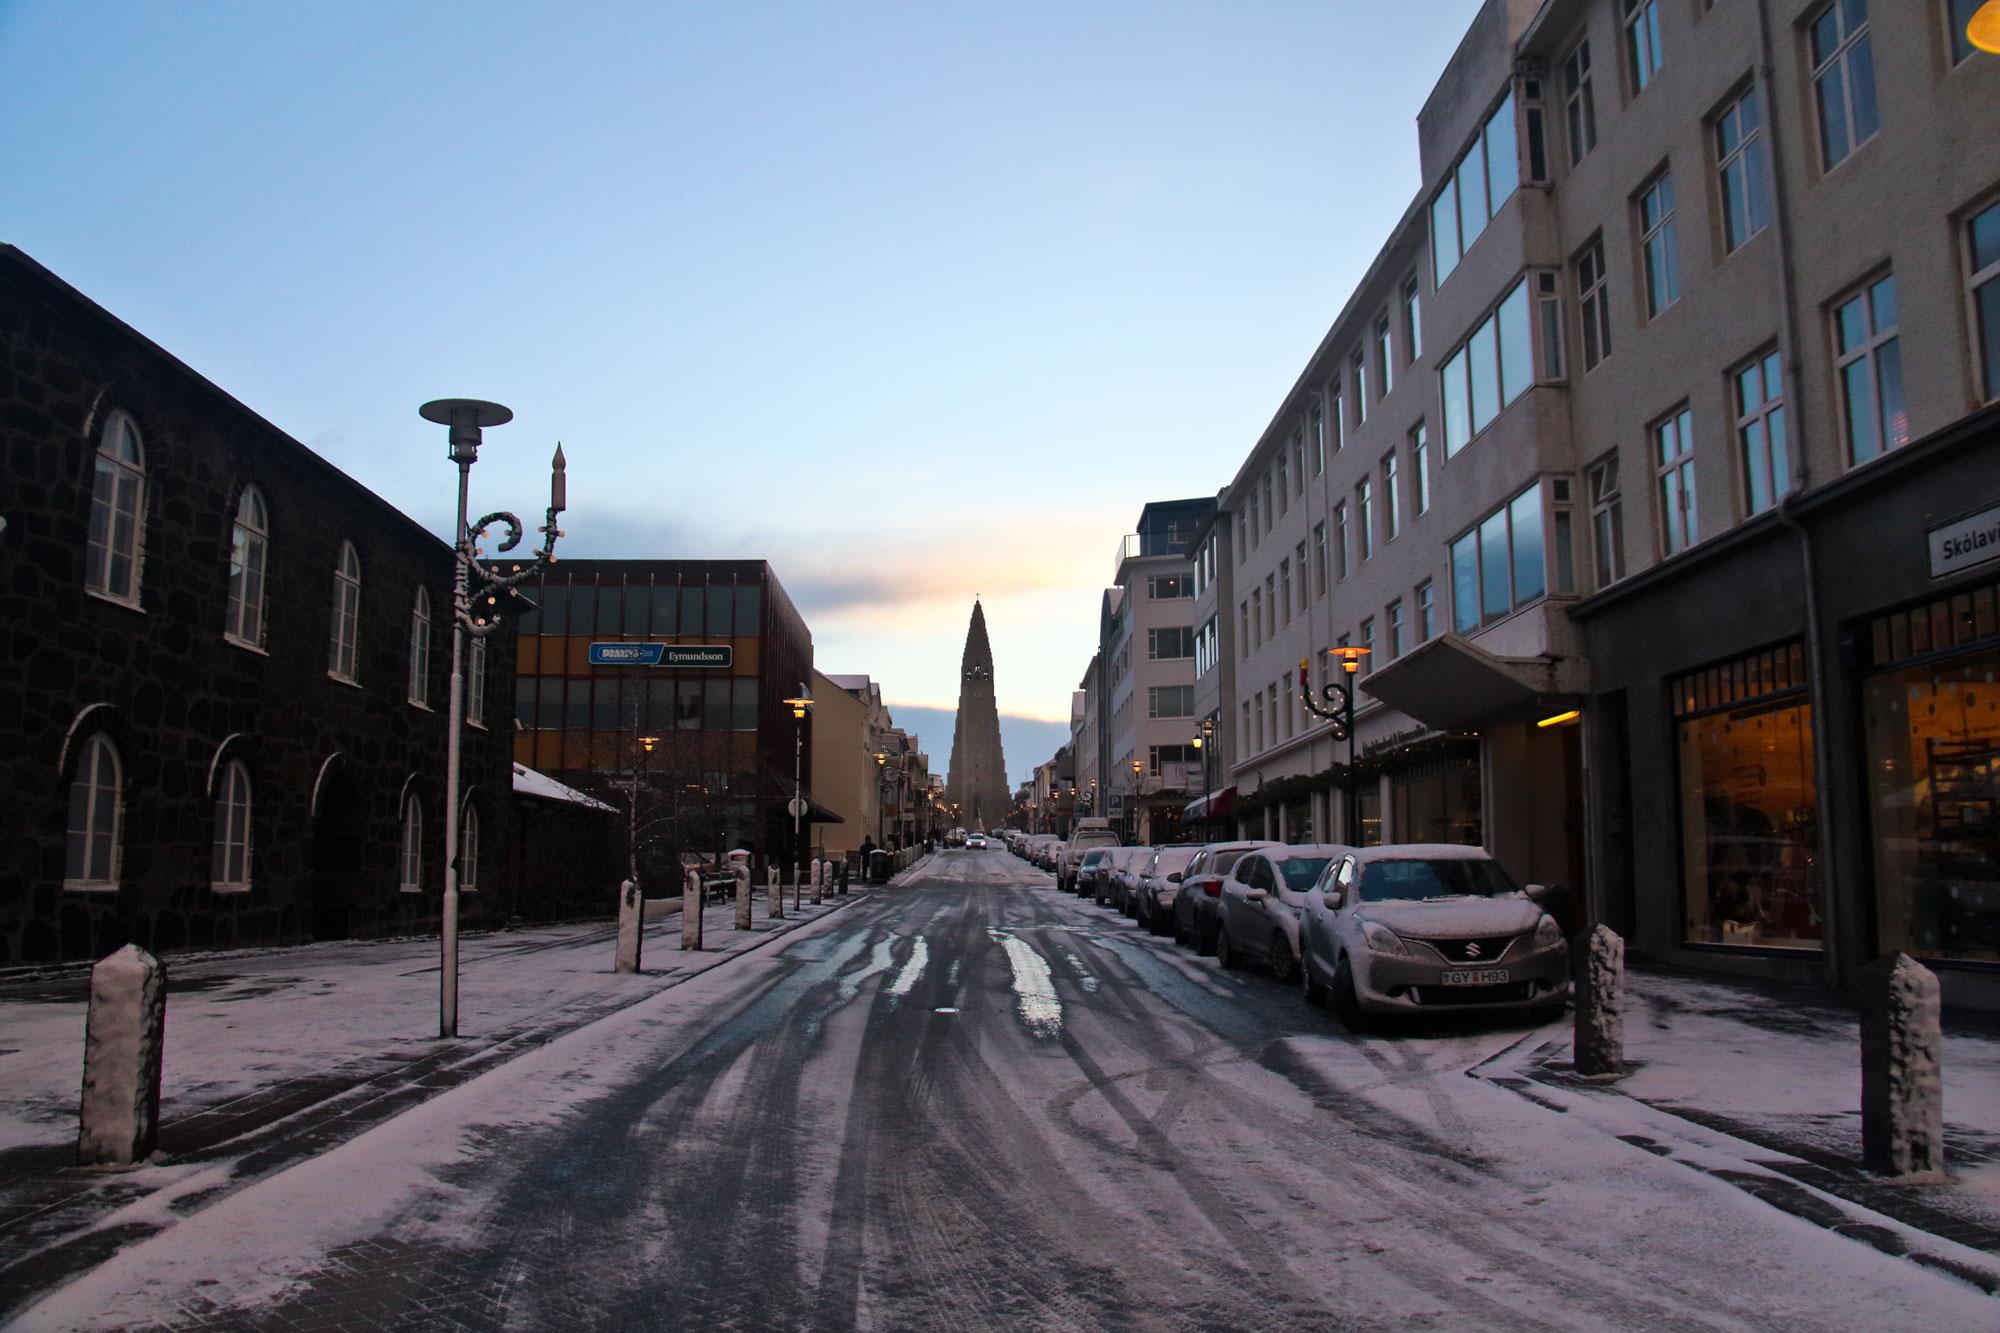 iceland-reykjavik-hallgrimskirkja-church.jpg